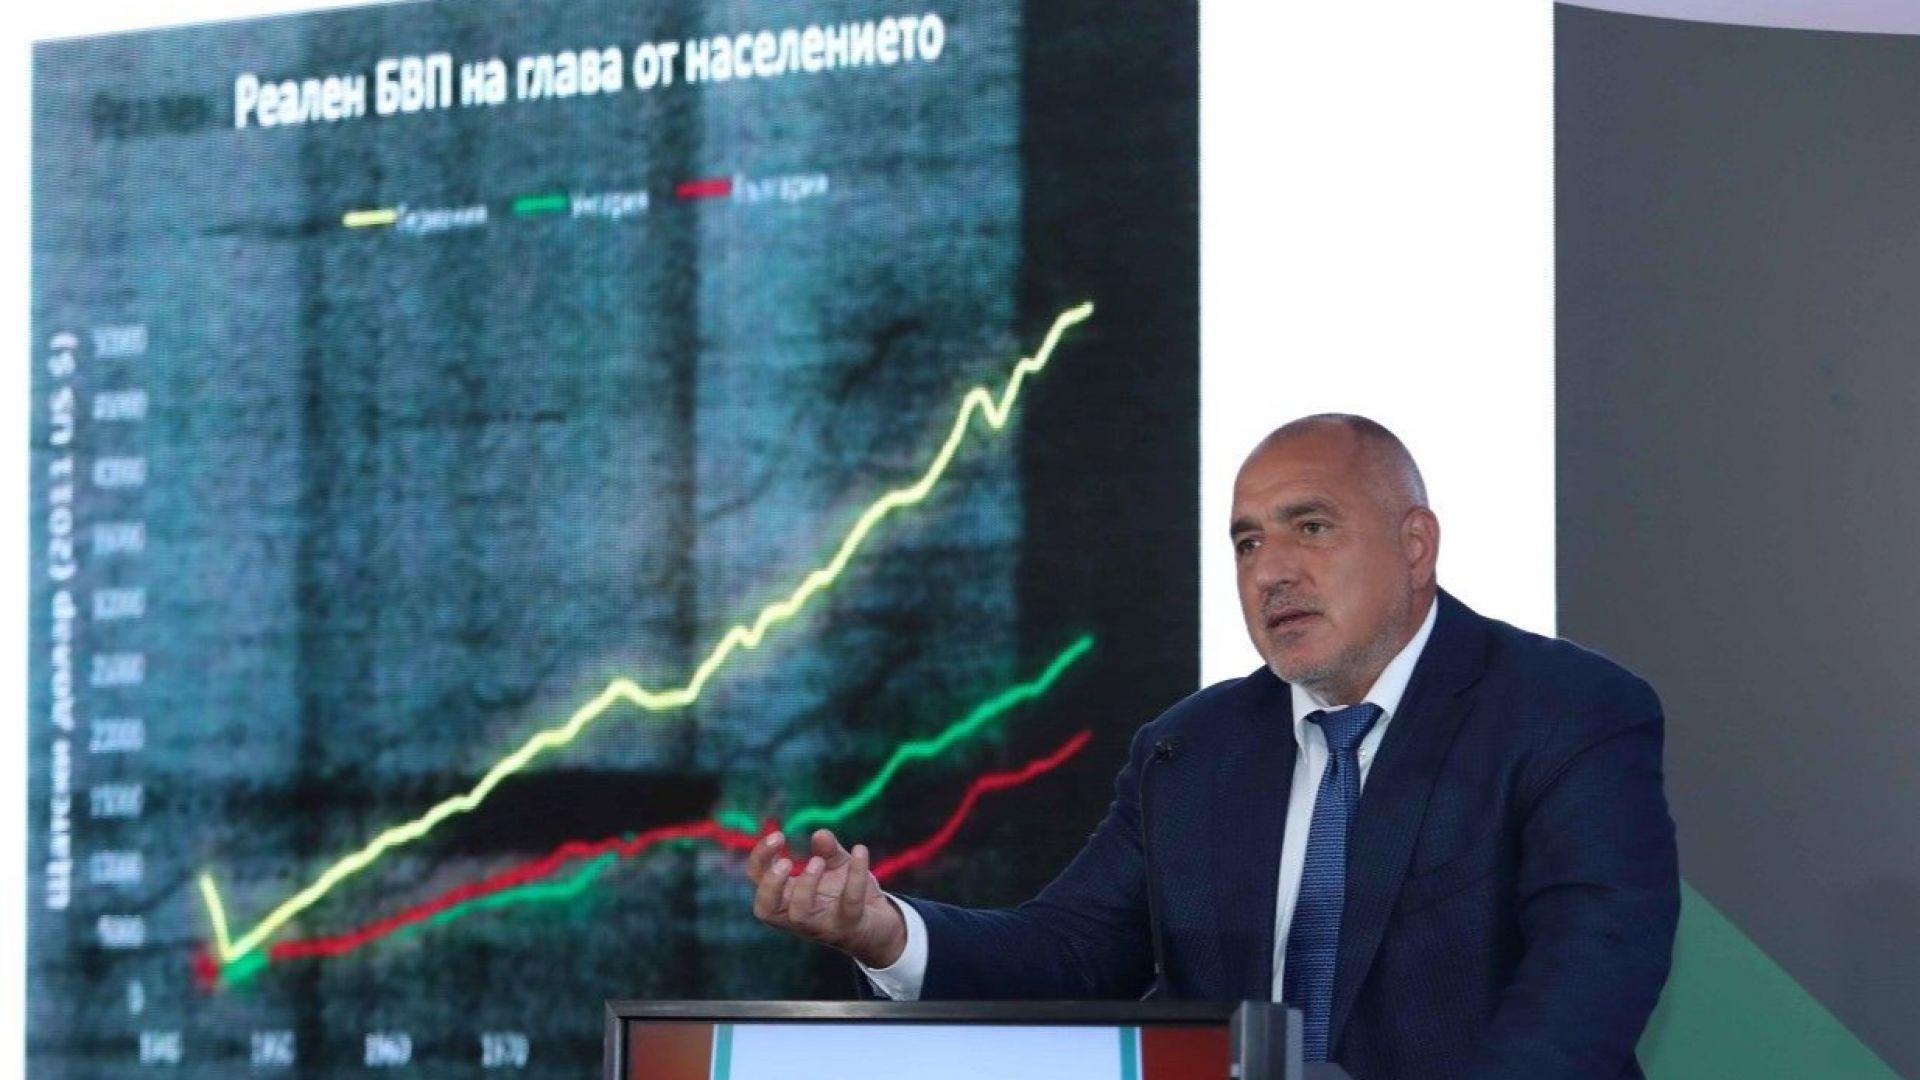 Зелената крива от графиката е на Унгария, а червената на България